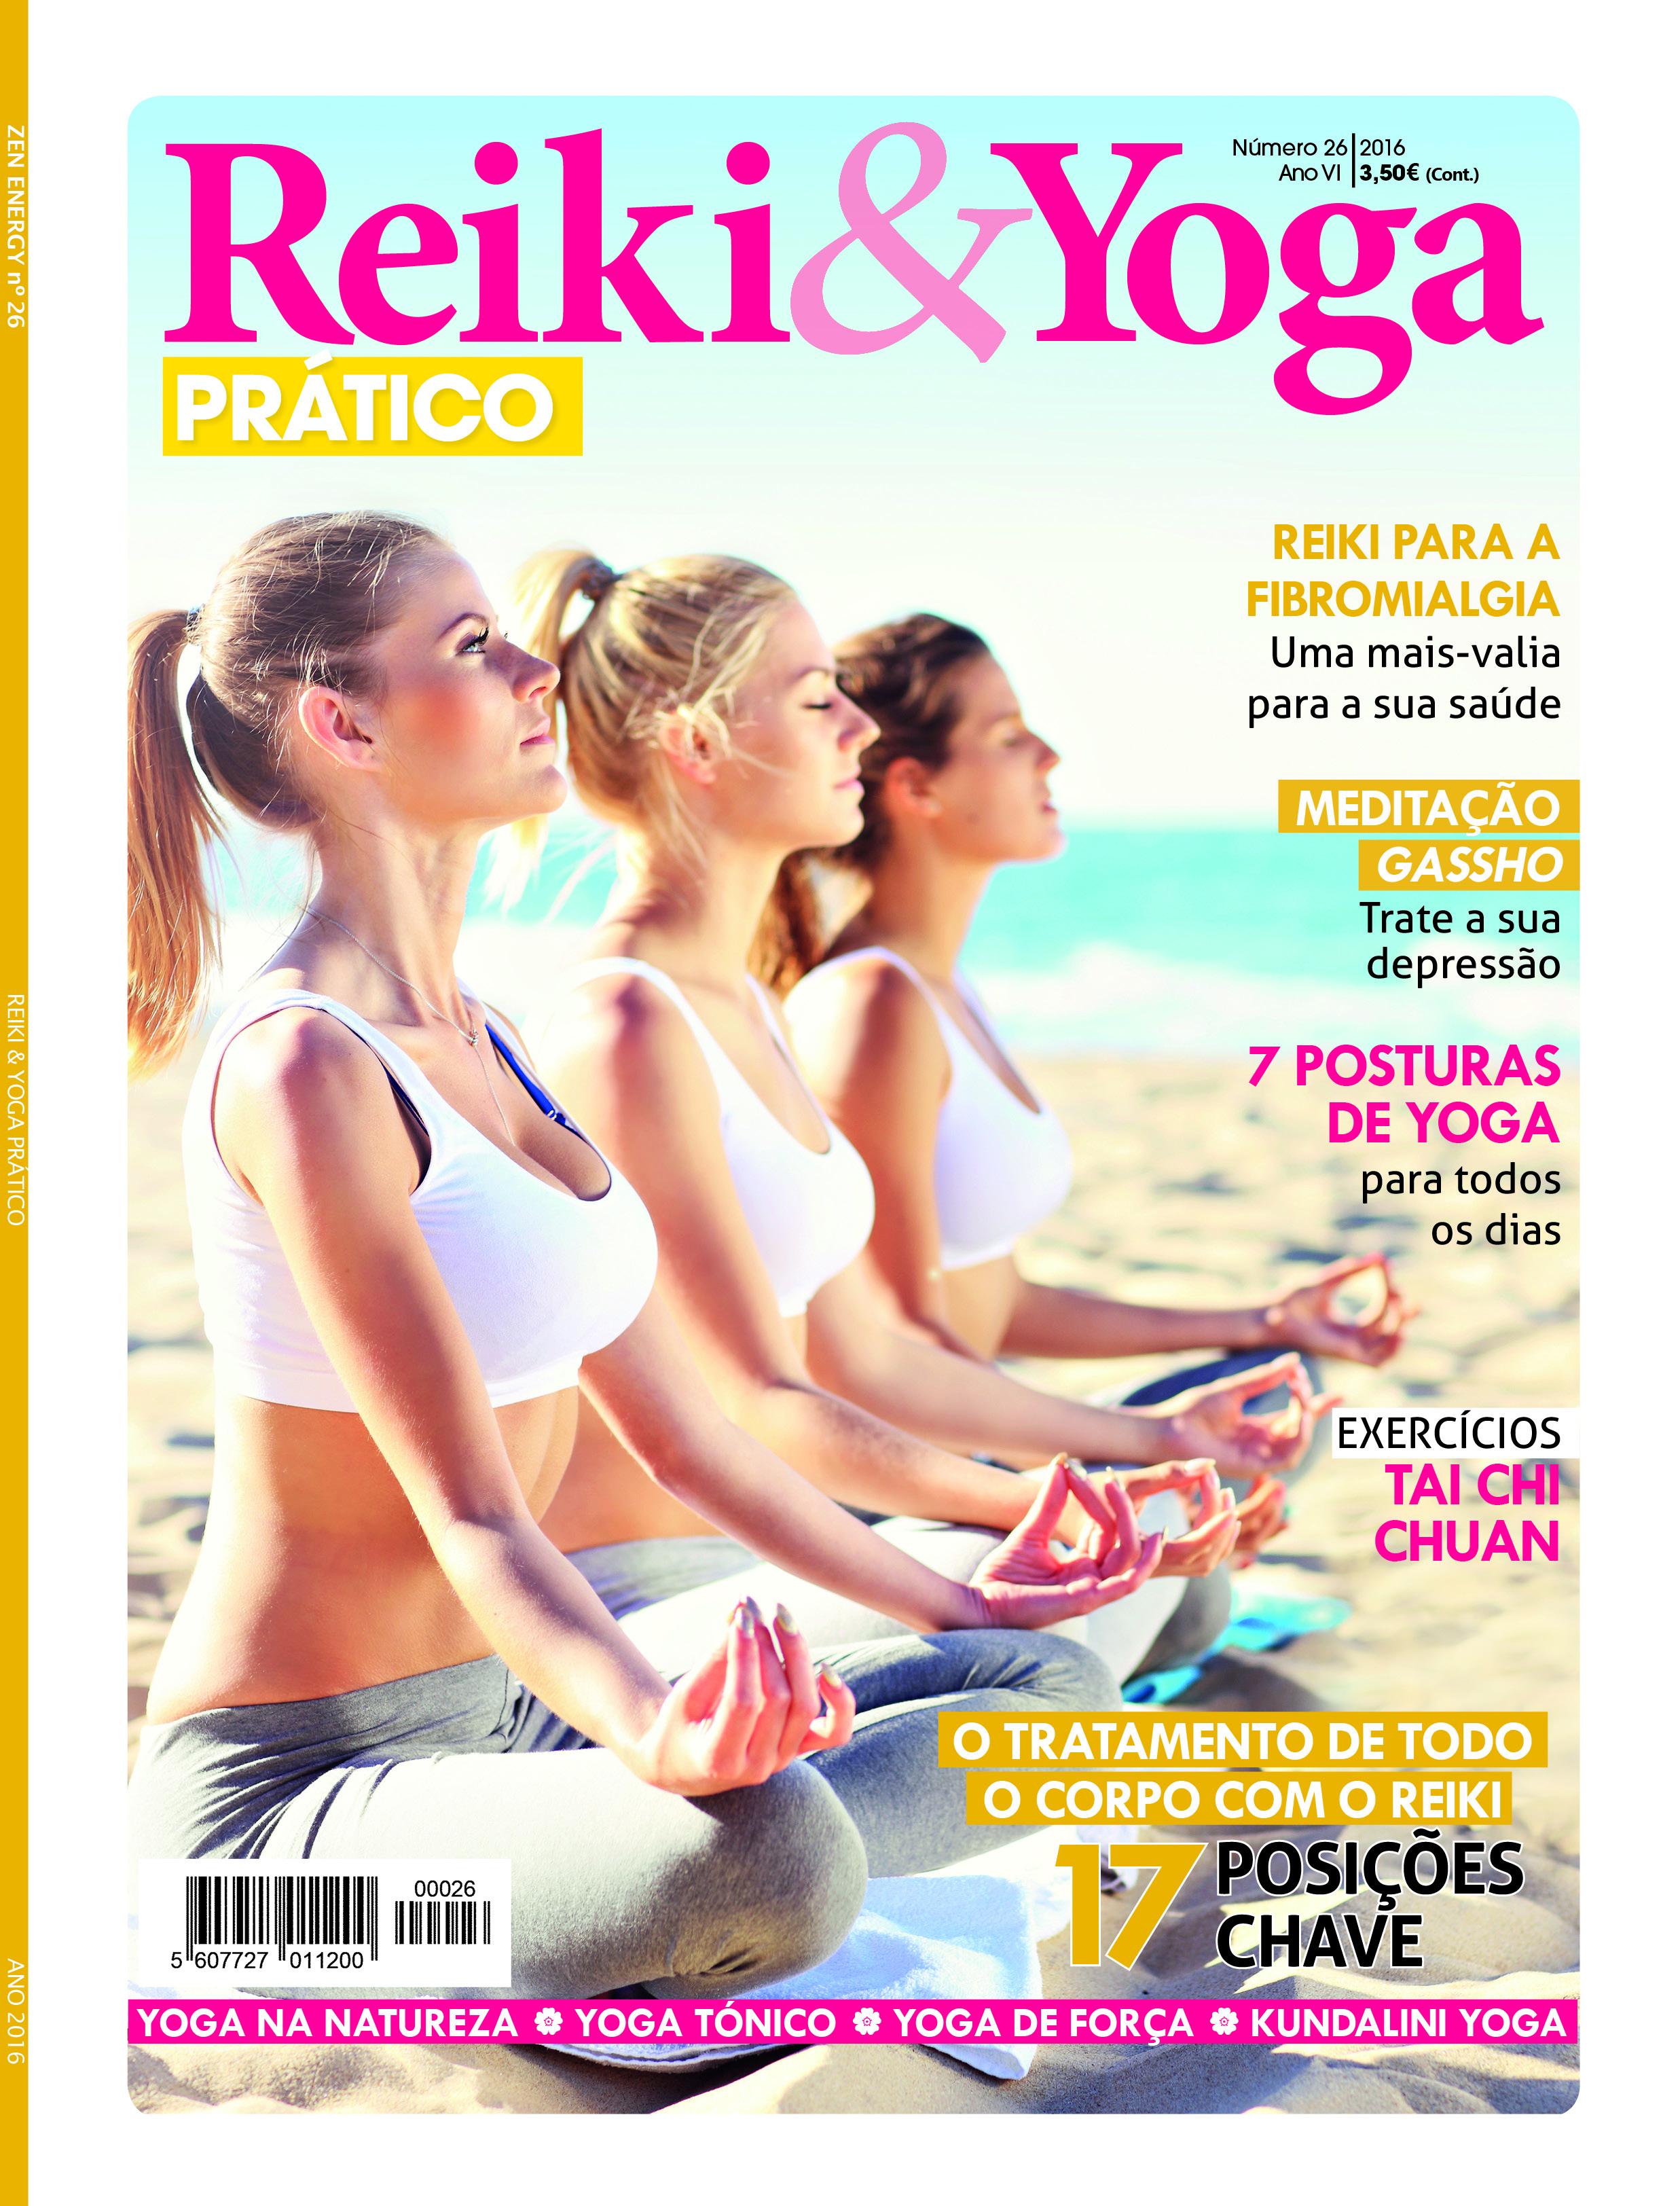 capa-reiki-yoga